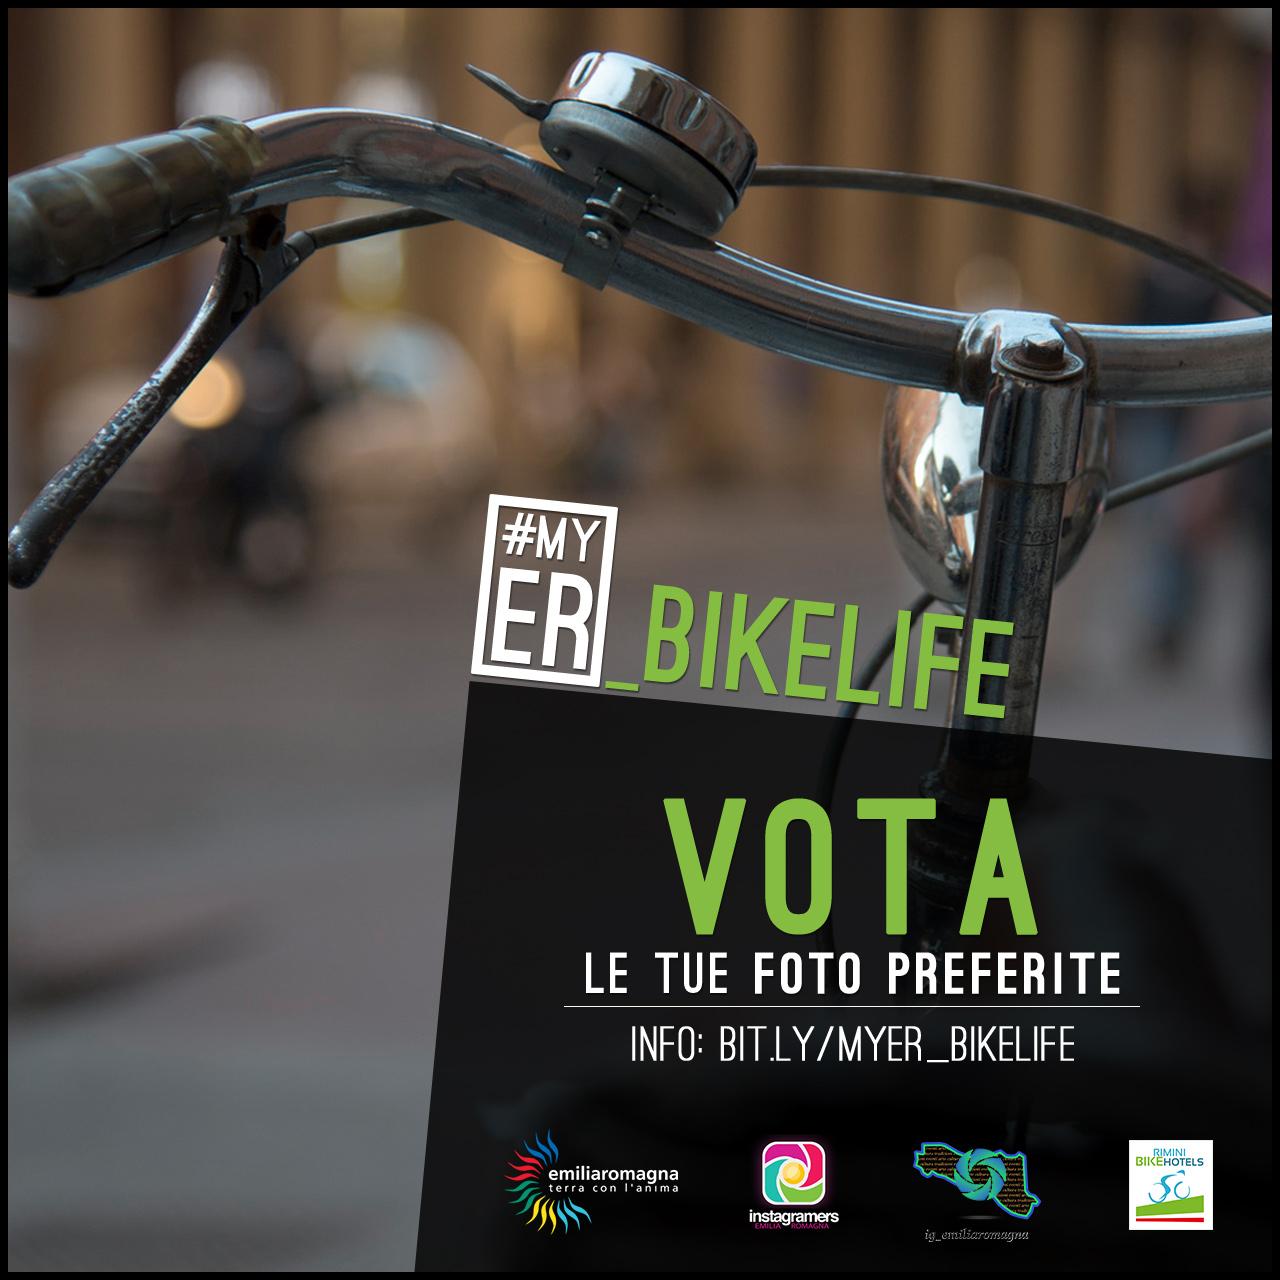 myER_bikelife-vota_ita